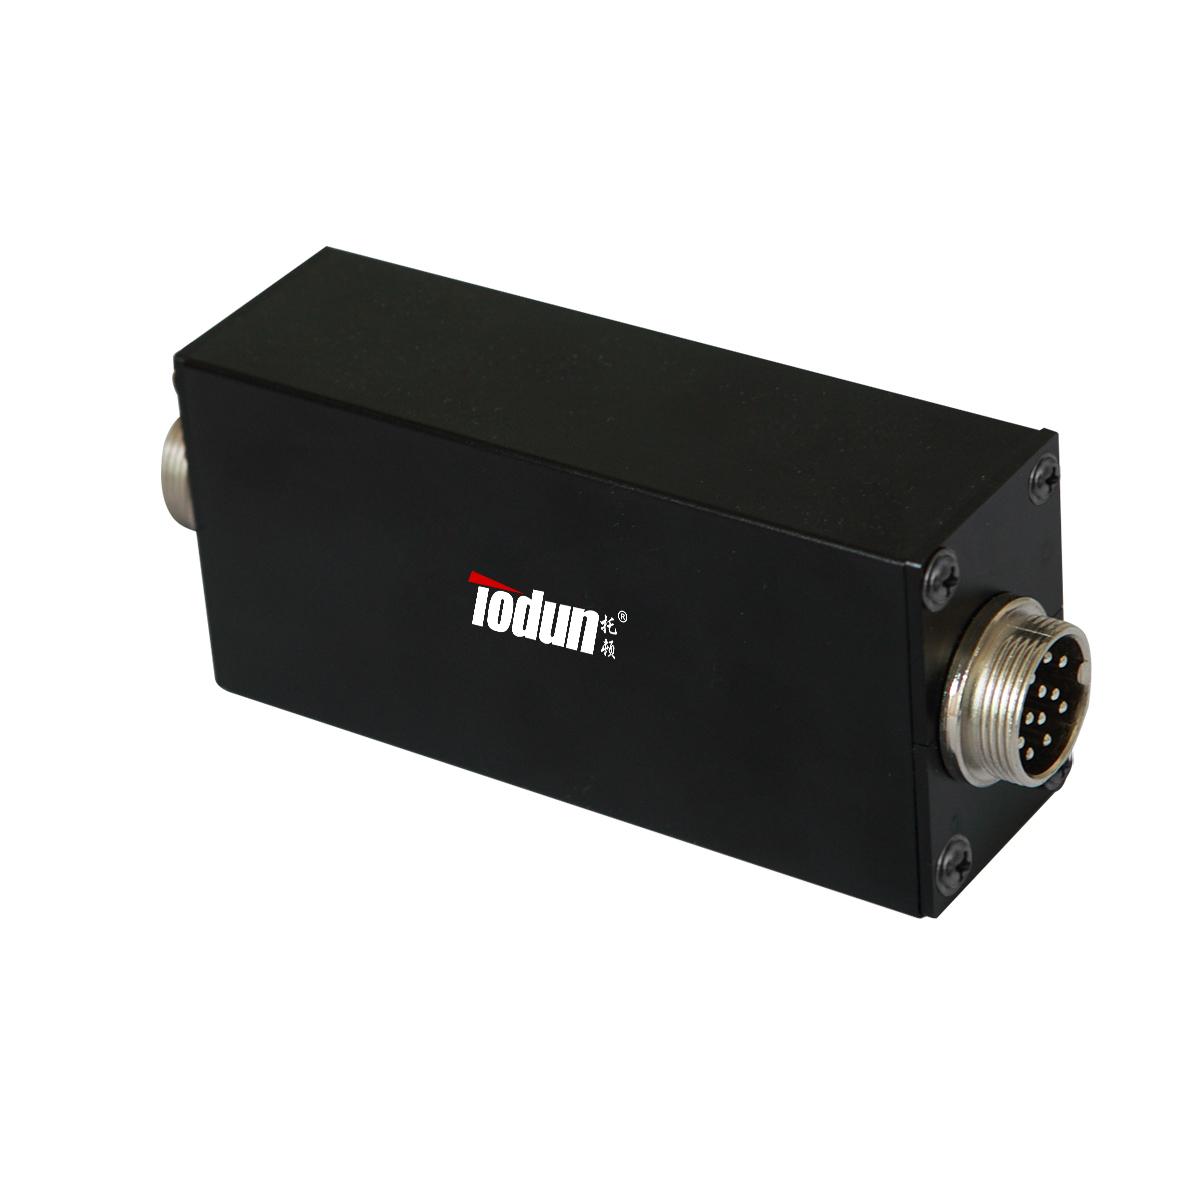 托顿TDB320H 数字同声传译设备 主线缆扩展器